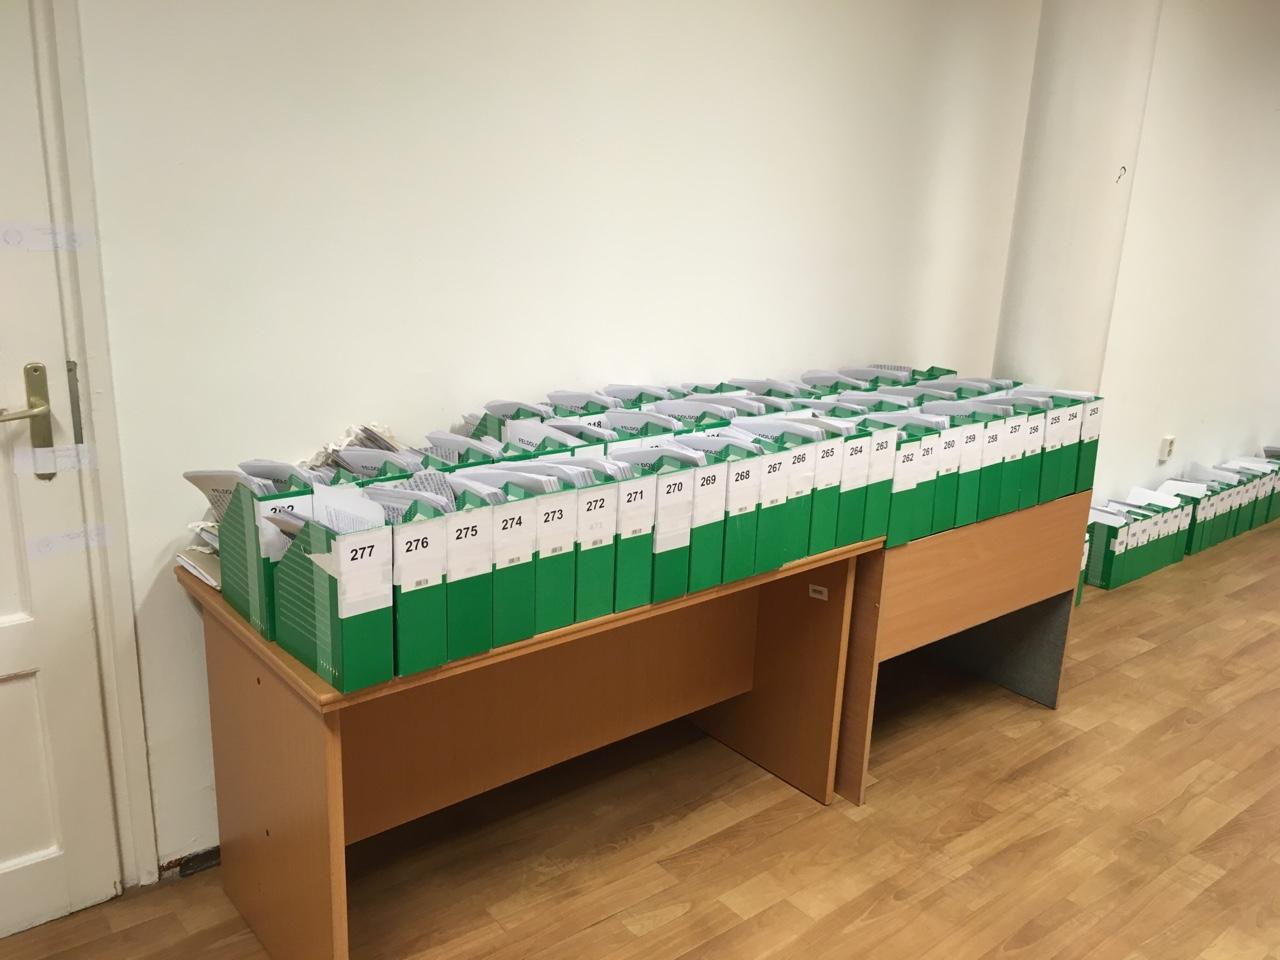 Jelentés az Ismeretlen Hősökről, akik daraboként 17 forintért ellenőrizték az olimpiai népszavazás aláírásait, pedig az egésznek nem volt semmi értelme